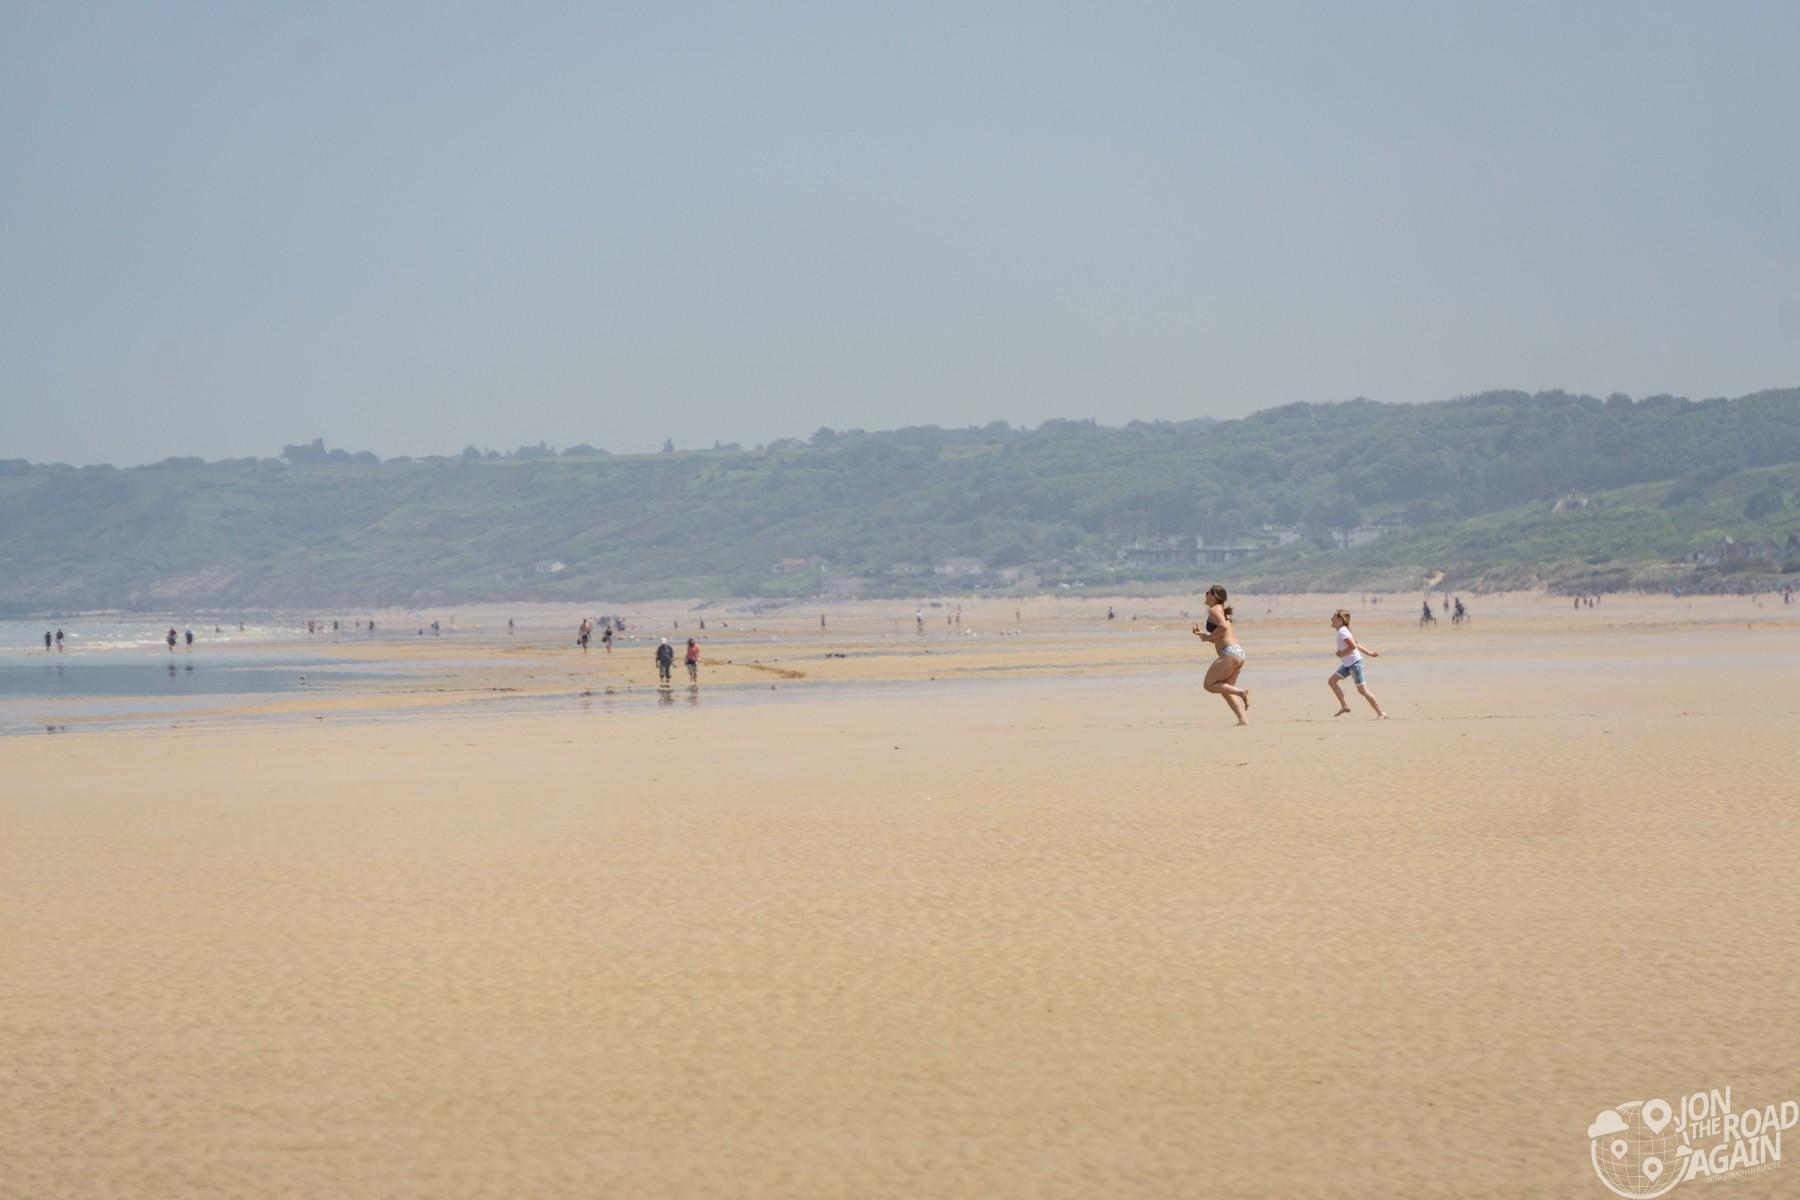 Running on Omaha Beach